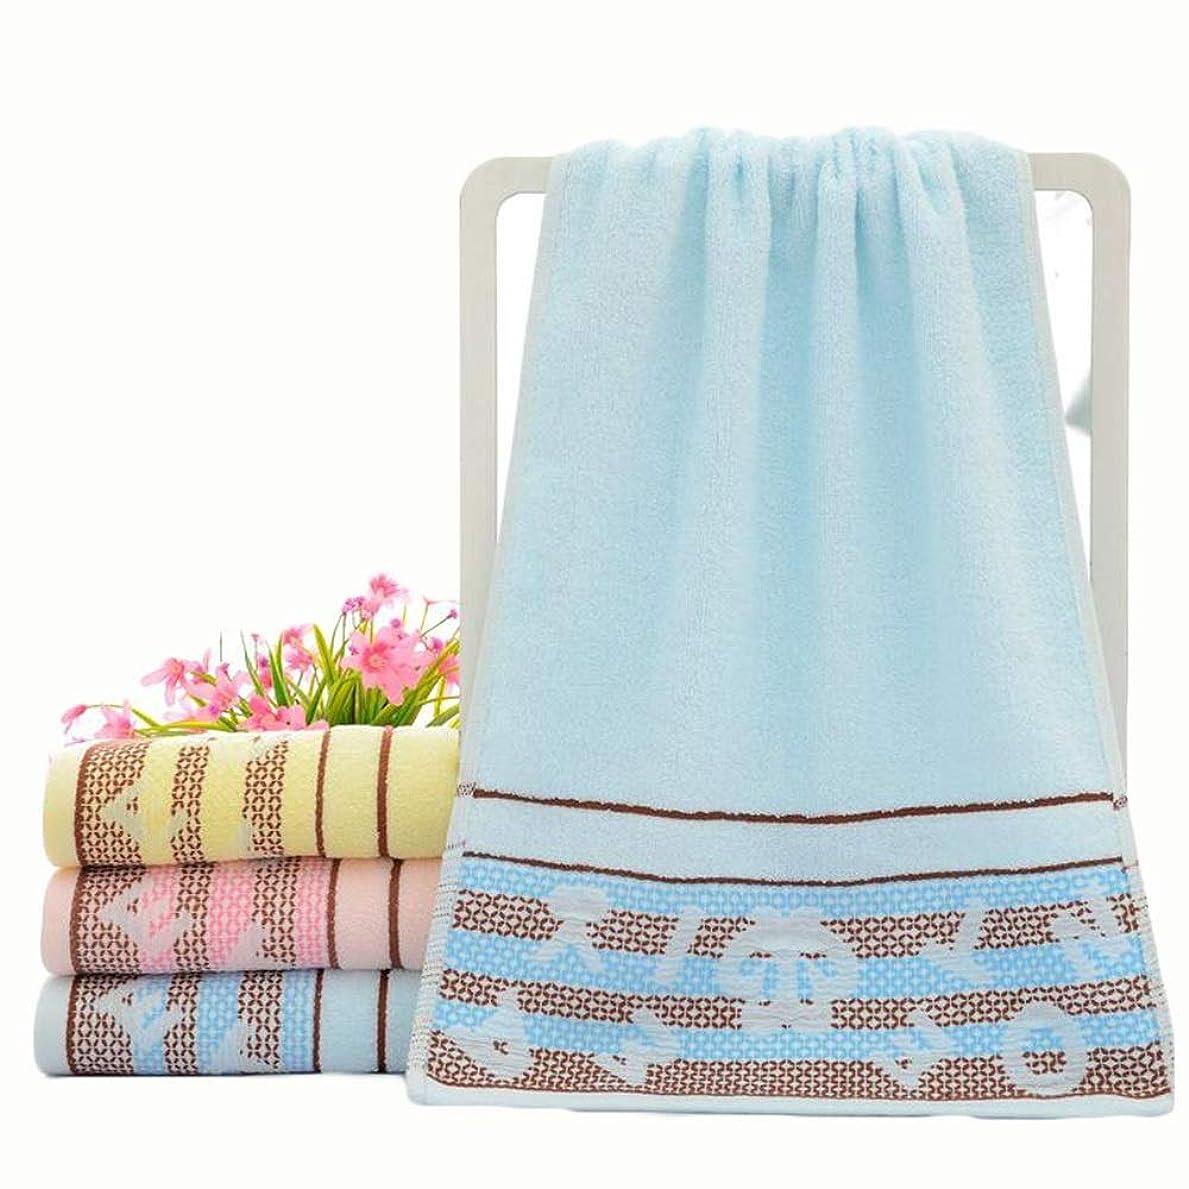 引き出す約九時四十五分CXUNKK 2PCS / LOT家庭用綿洗いソフト吸収カップルタオル (Color : Blue)